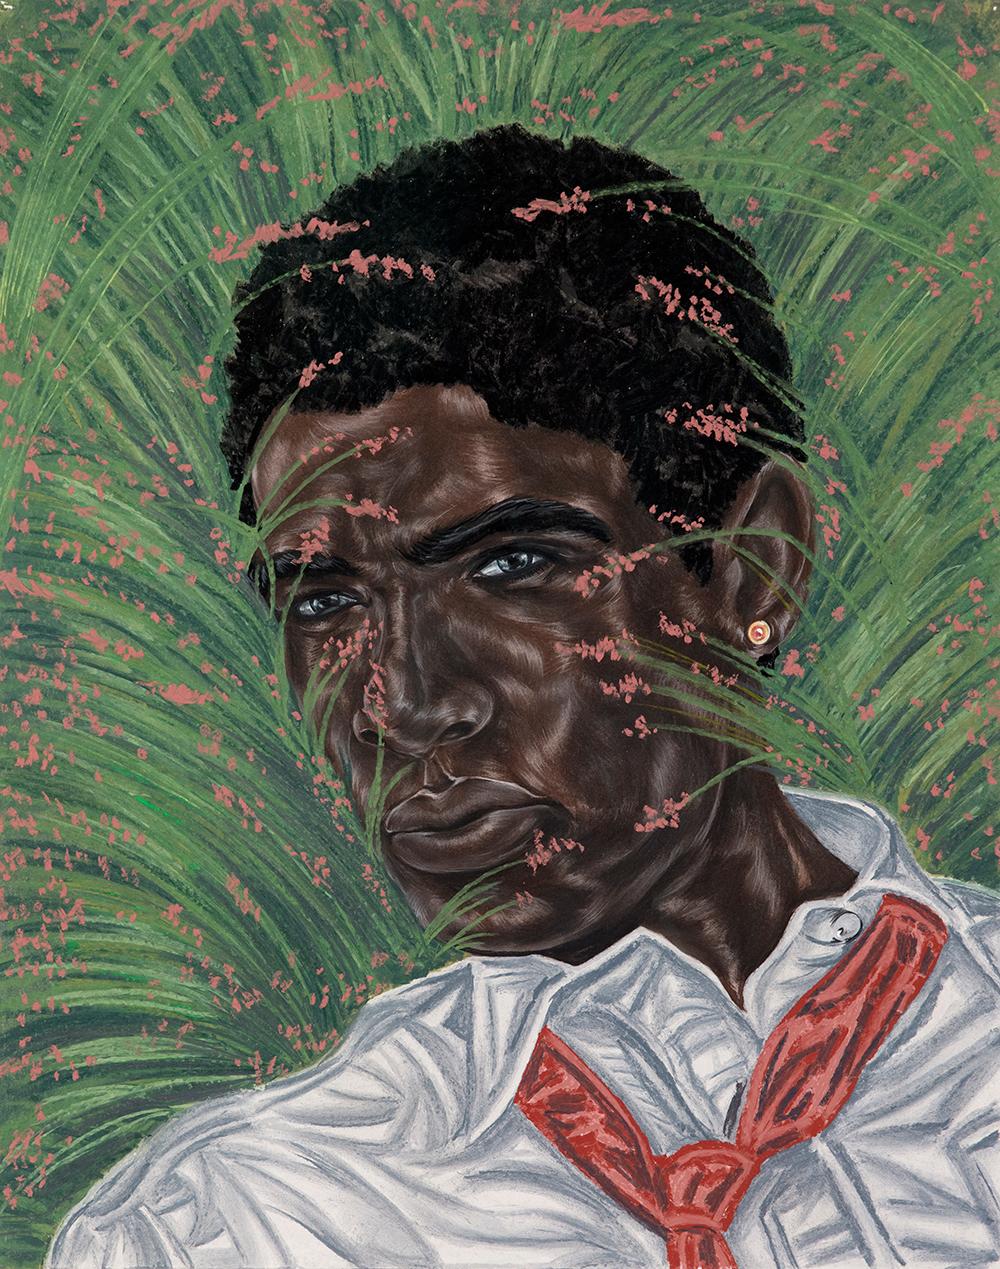 Toyin Ojih Odutola (b. 1985),Between the Margins, 2017